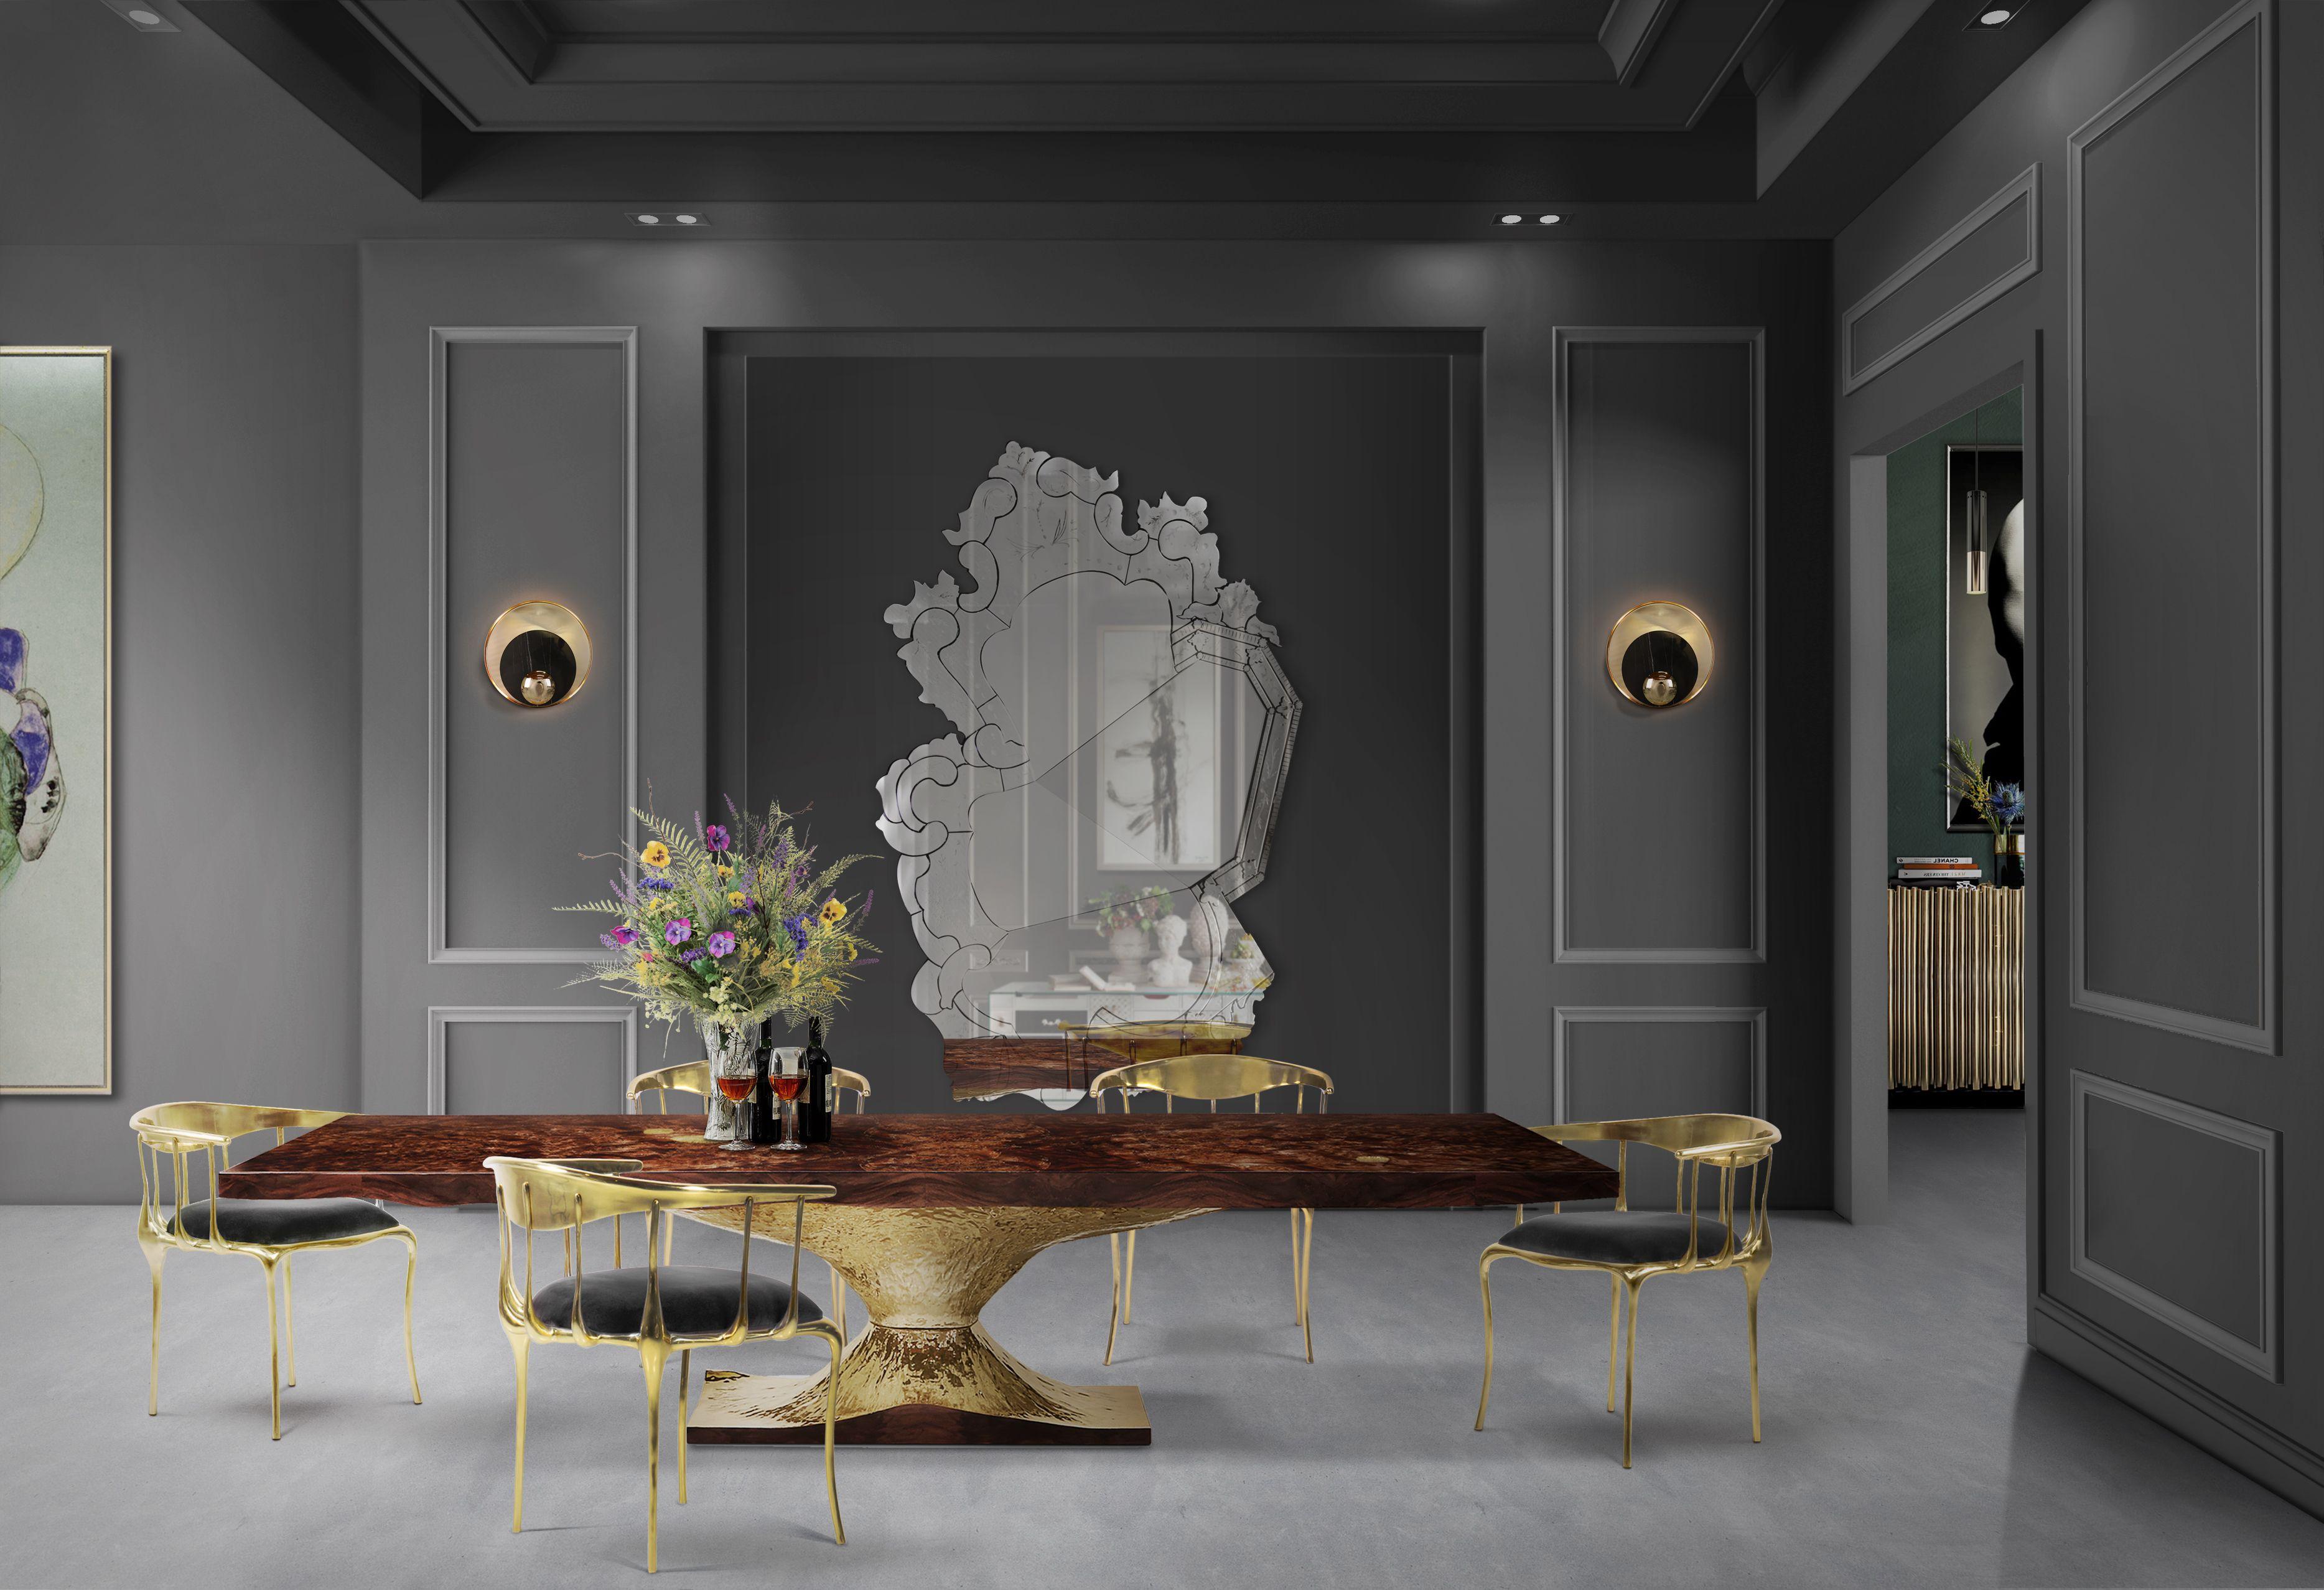 exklusive mobel marken, moderne ostern dekoration für wohnzimmer und esszimmer | interior, Design ideen